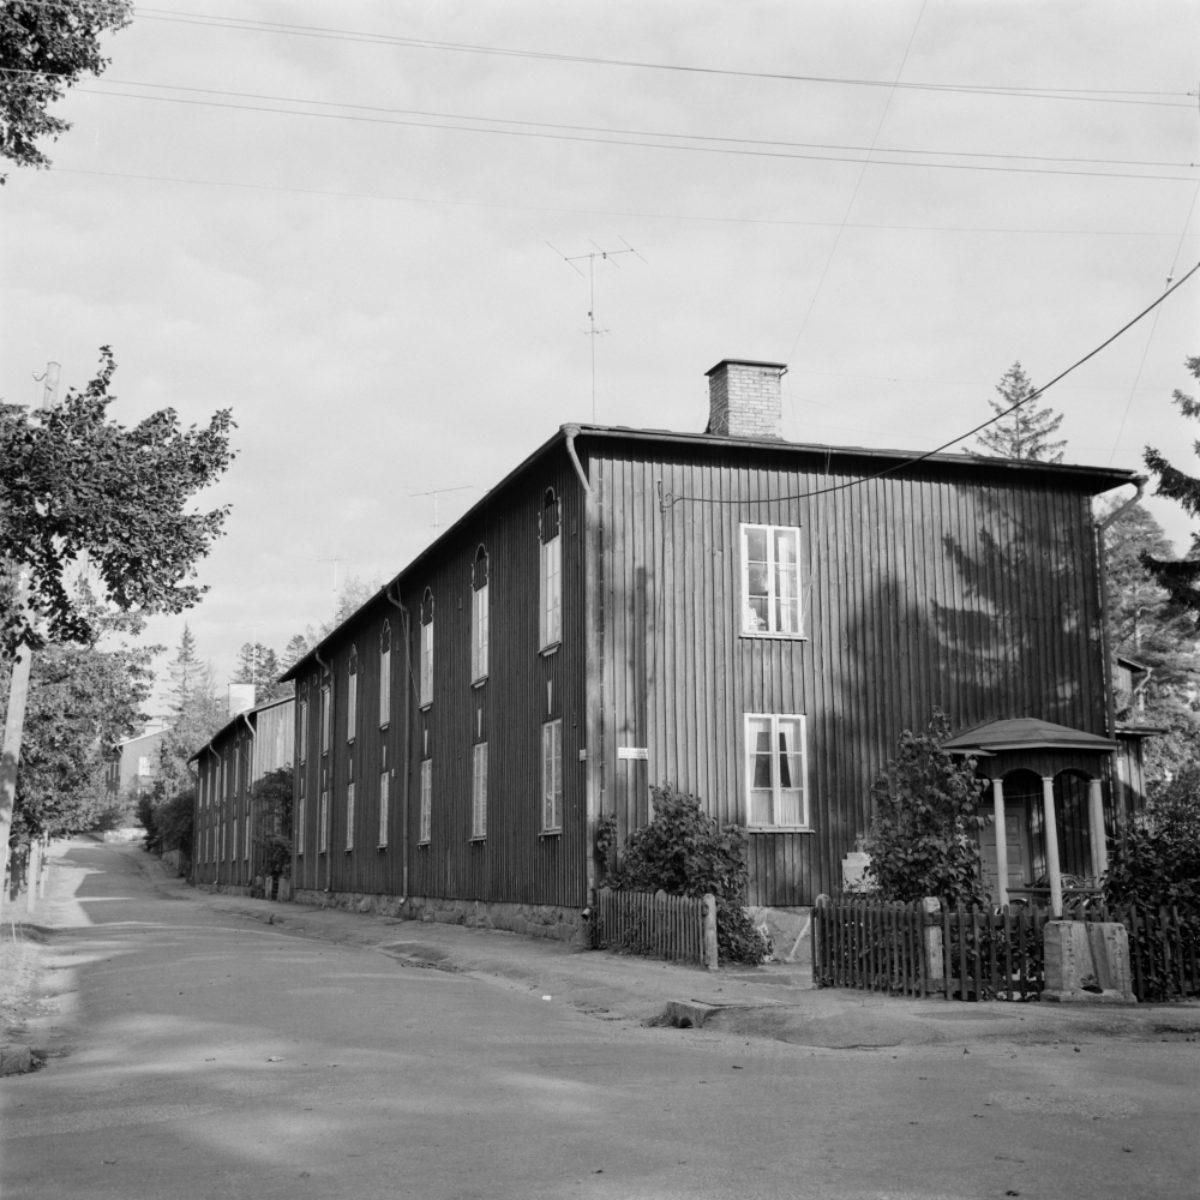 Puu-Käpylä in around 1960. Photo: Eero Häyrinen / Uusi Suomi - Iltalehti / JOKA / Finnish Heritage Agency